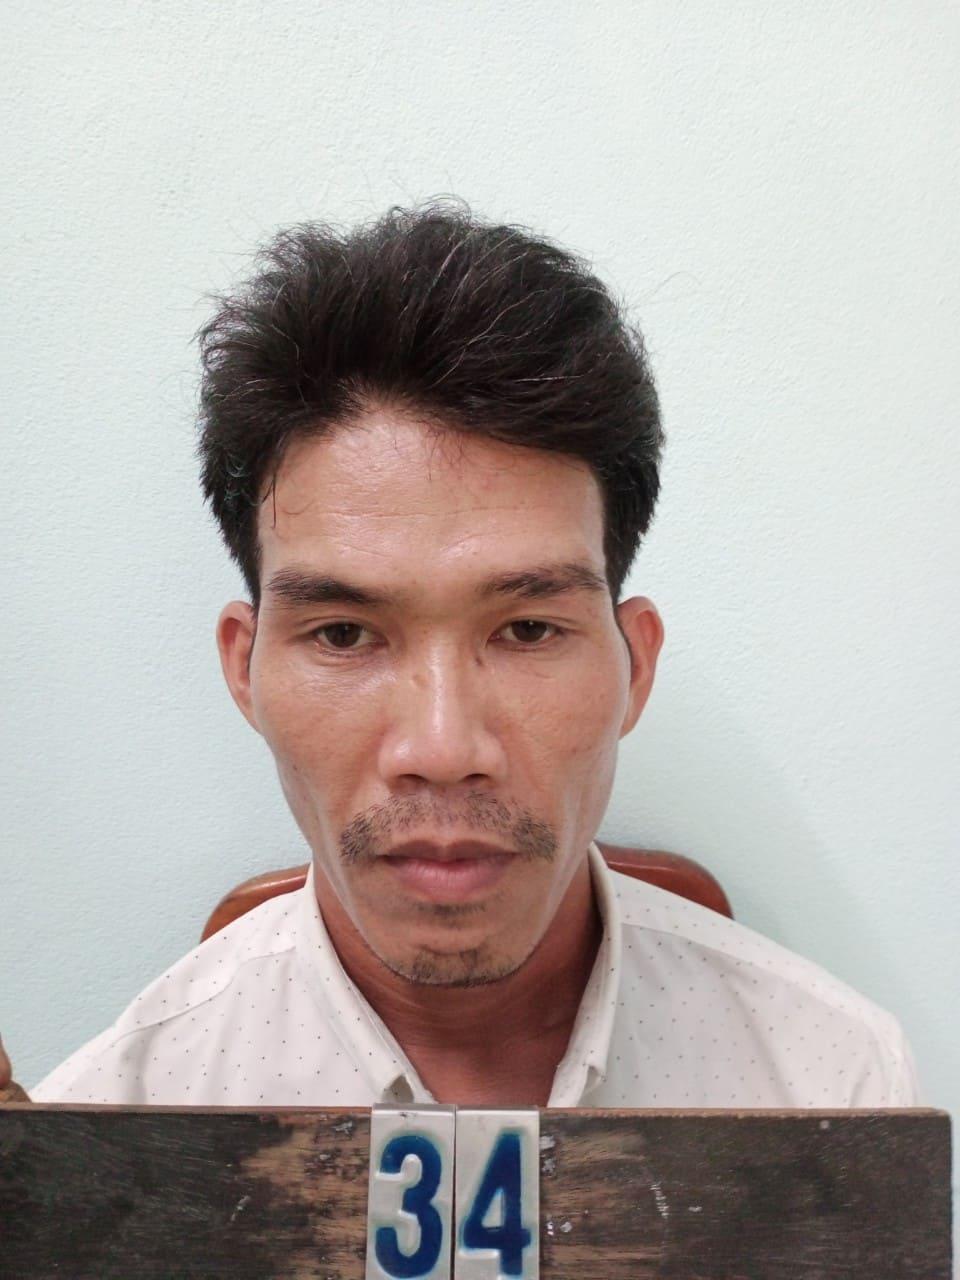 Đối tượng Nguyễn Văn Phương bị khởi tố vì hành vi Chống người thi hành công vụ.